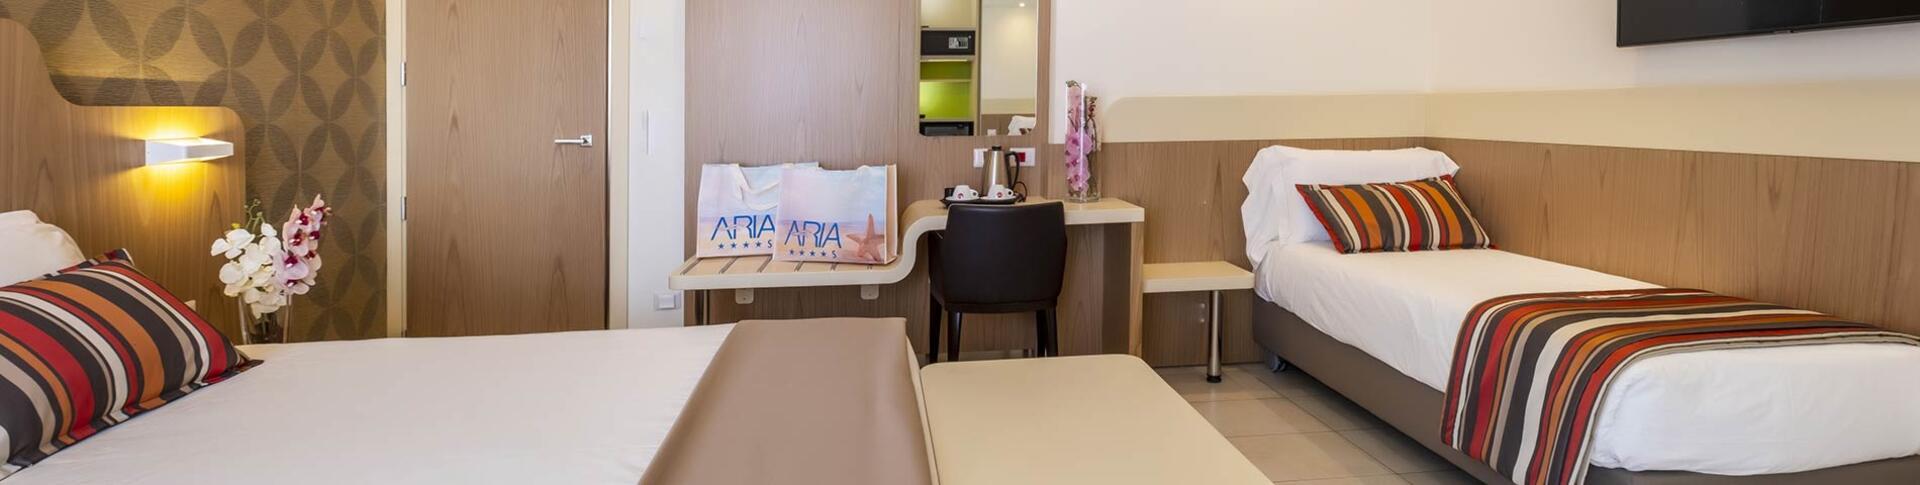 ariahotel en room-deluxe 013